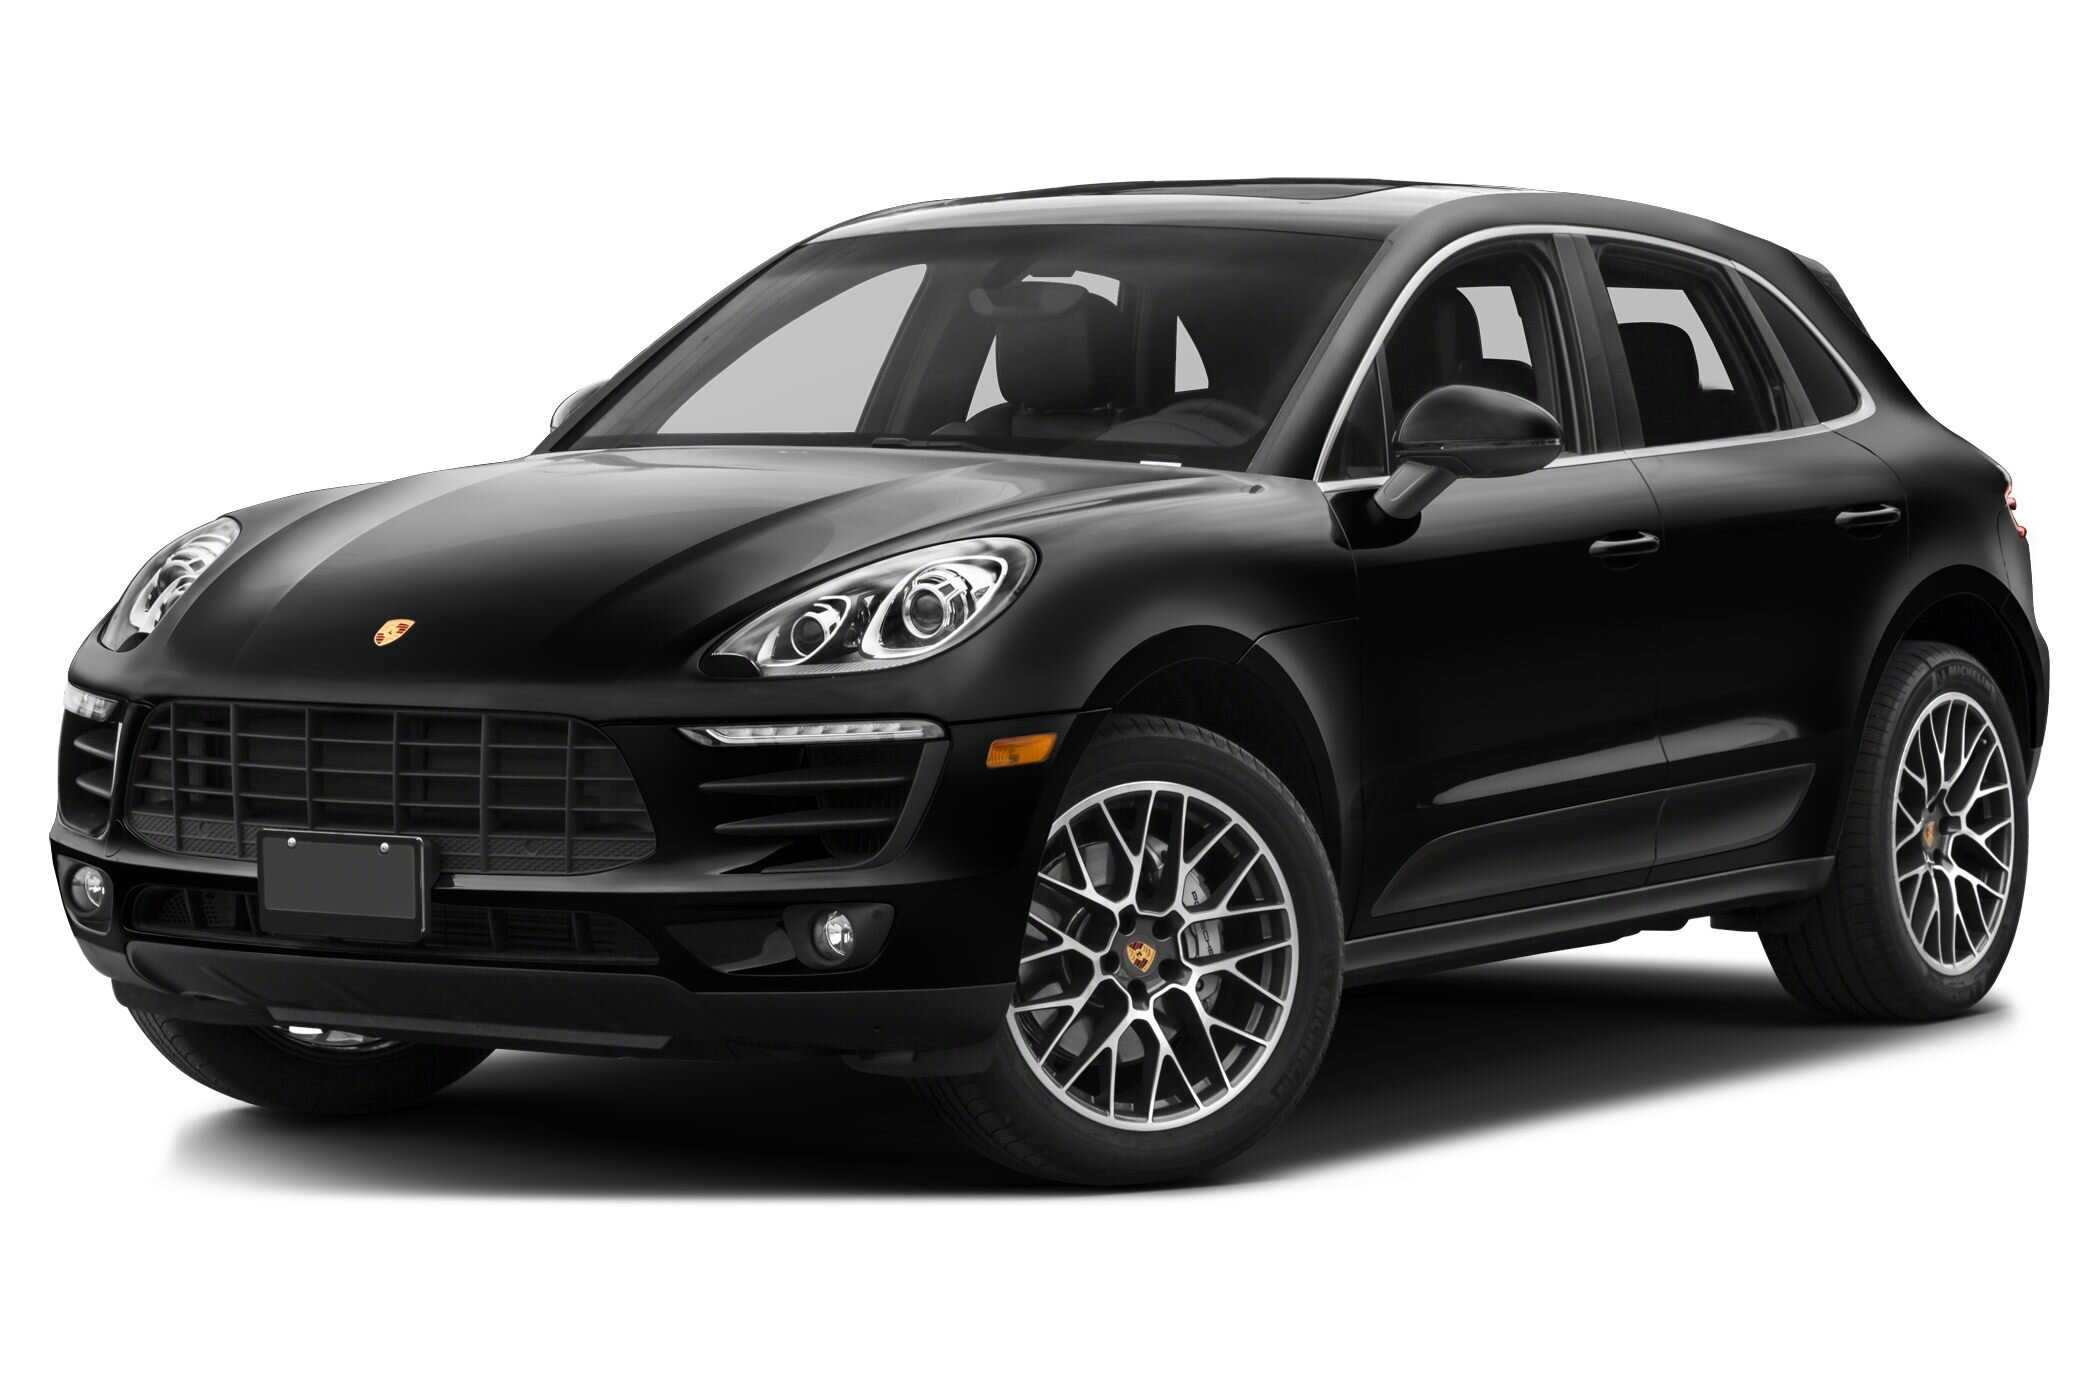 Bảng giá xe ô tô trên thị trường cập nhật mới nhất 2/2016